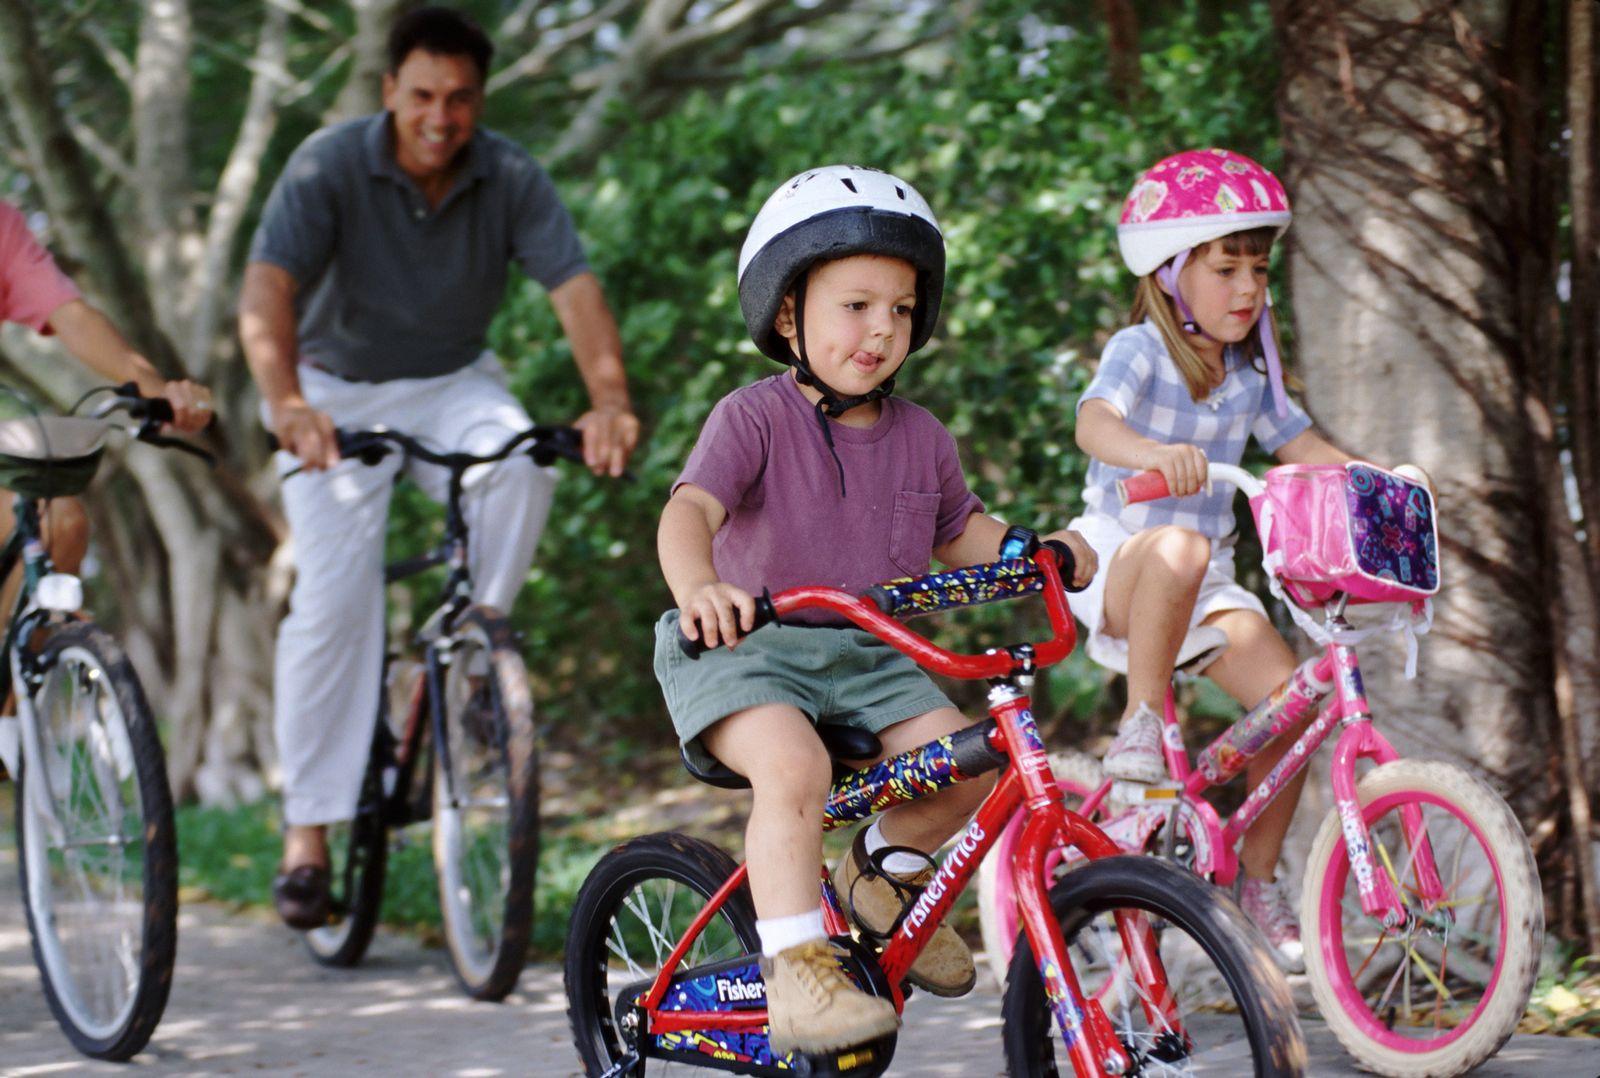 NICHT MEHR VERWENDEN! - Symbolbild Fahrrad fahren / Kinder